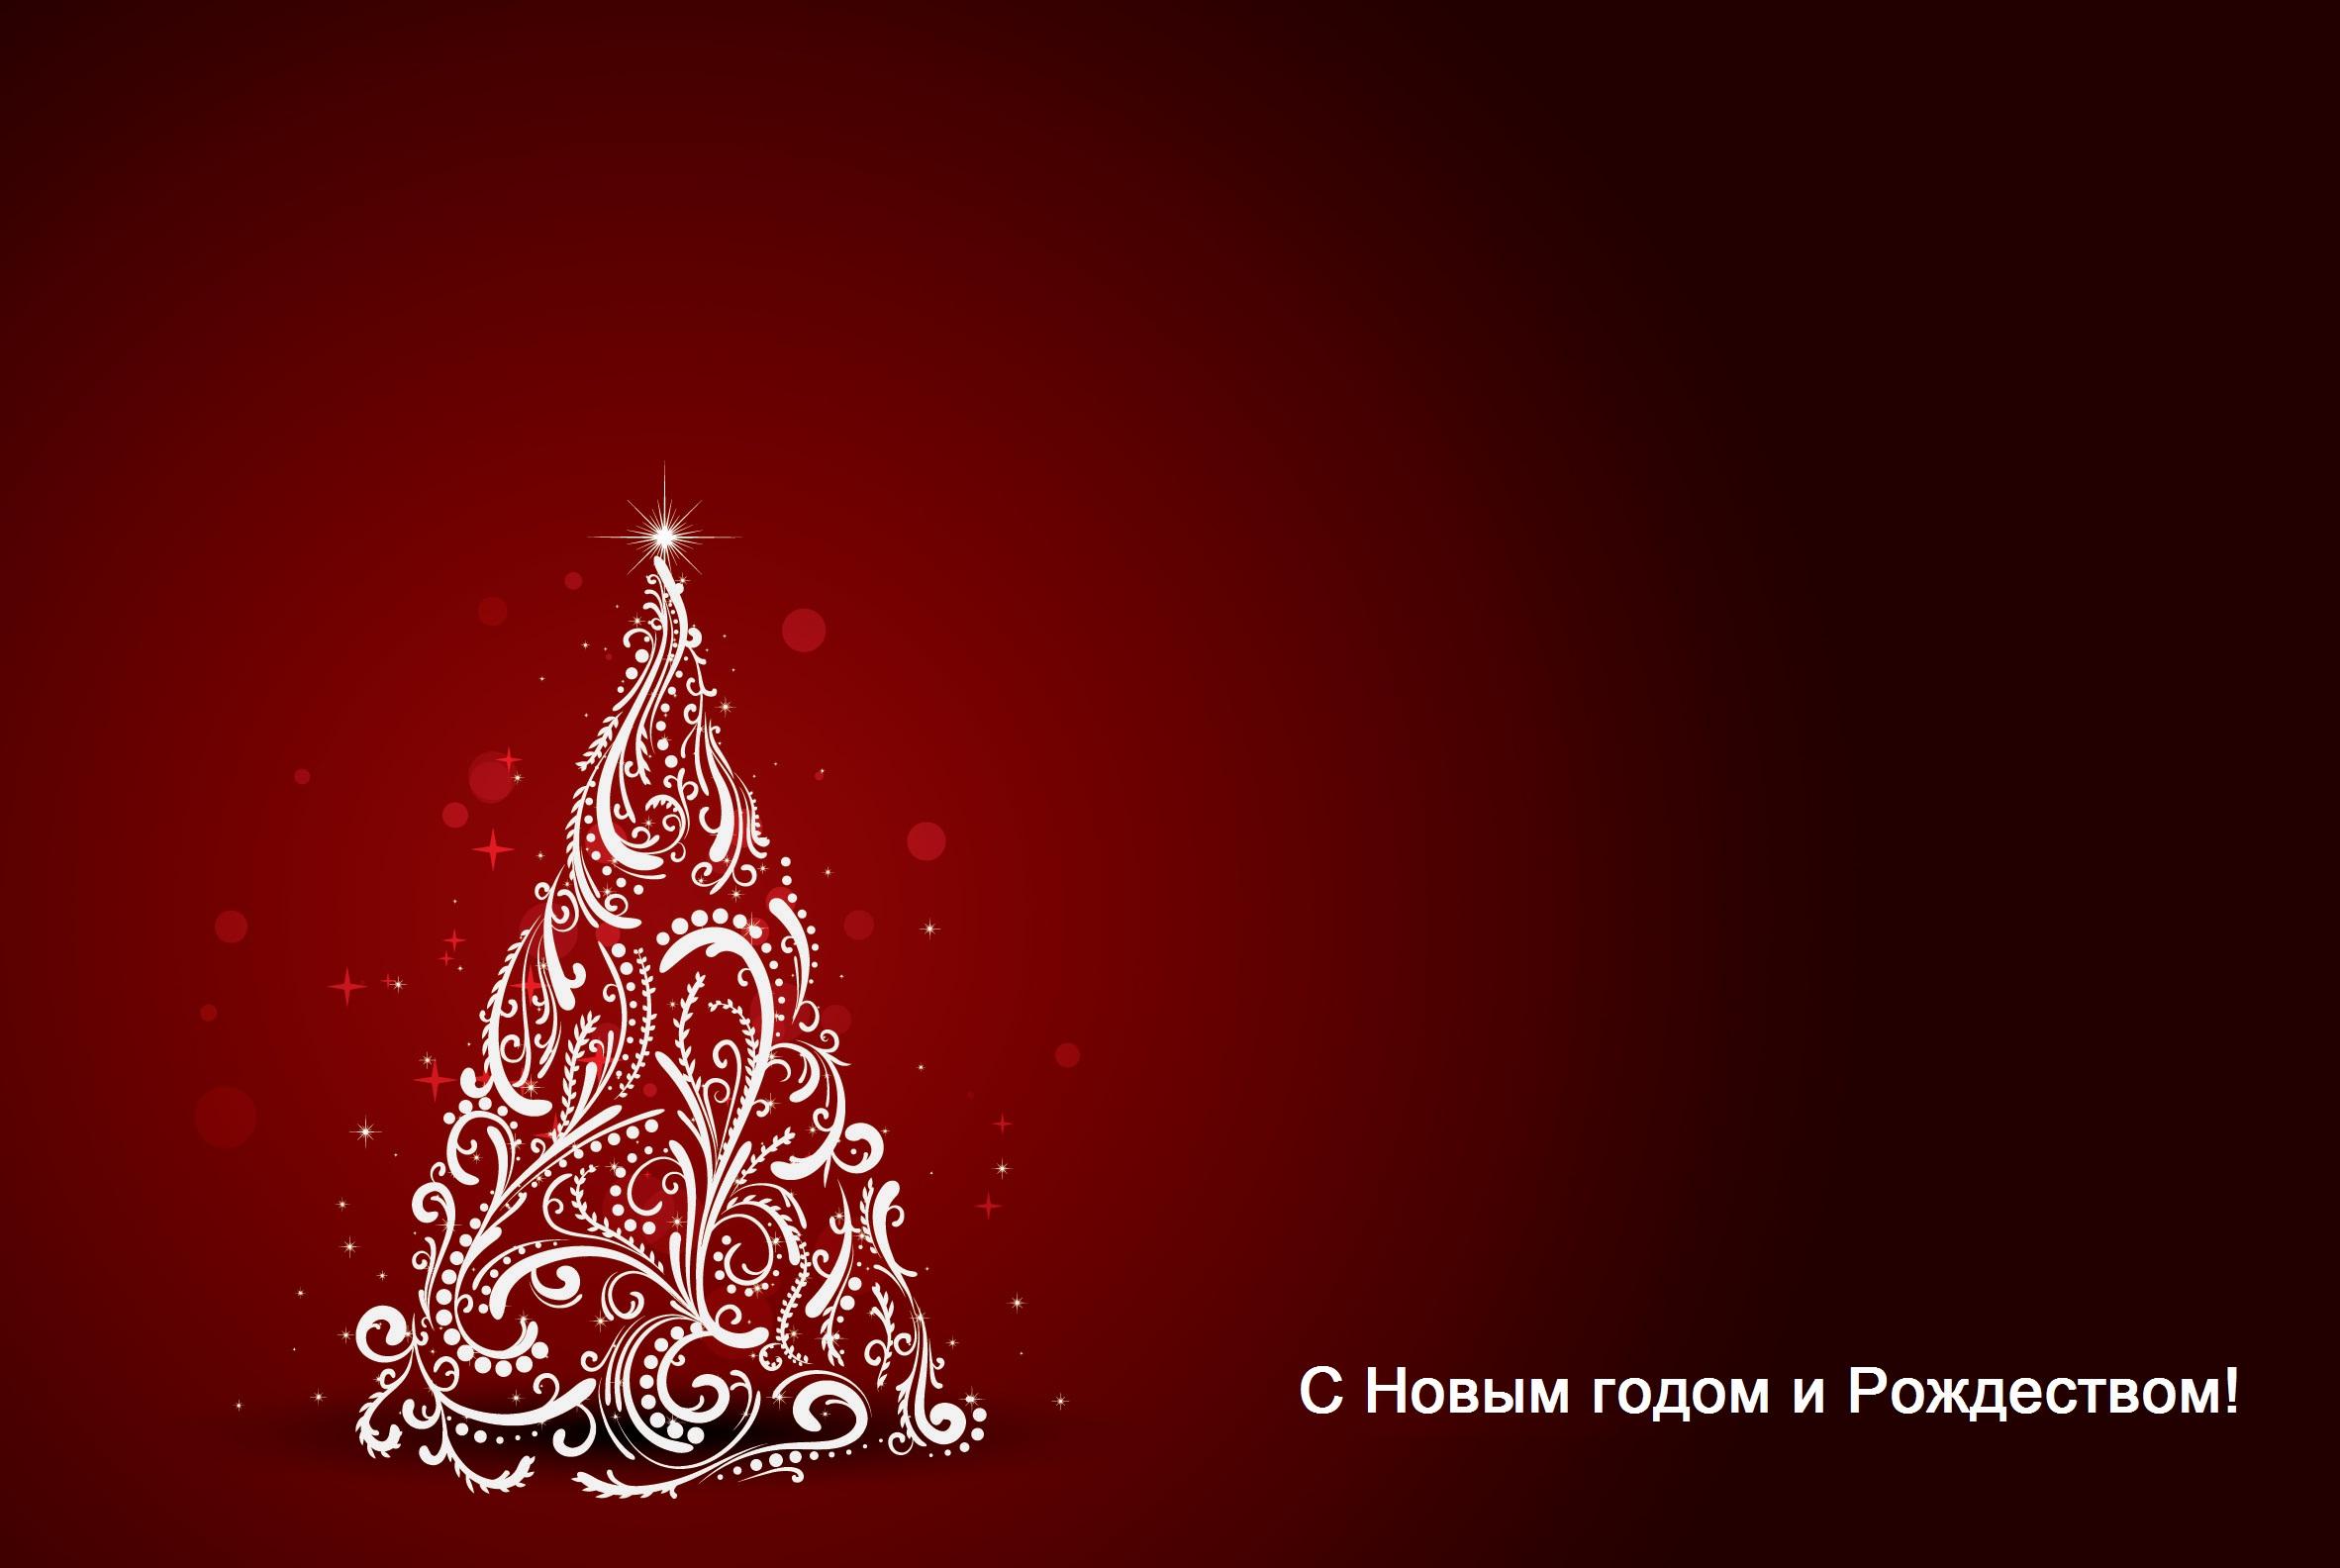 Открытка с новым годом 2016 и рождеством